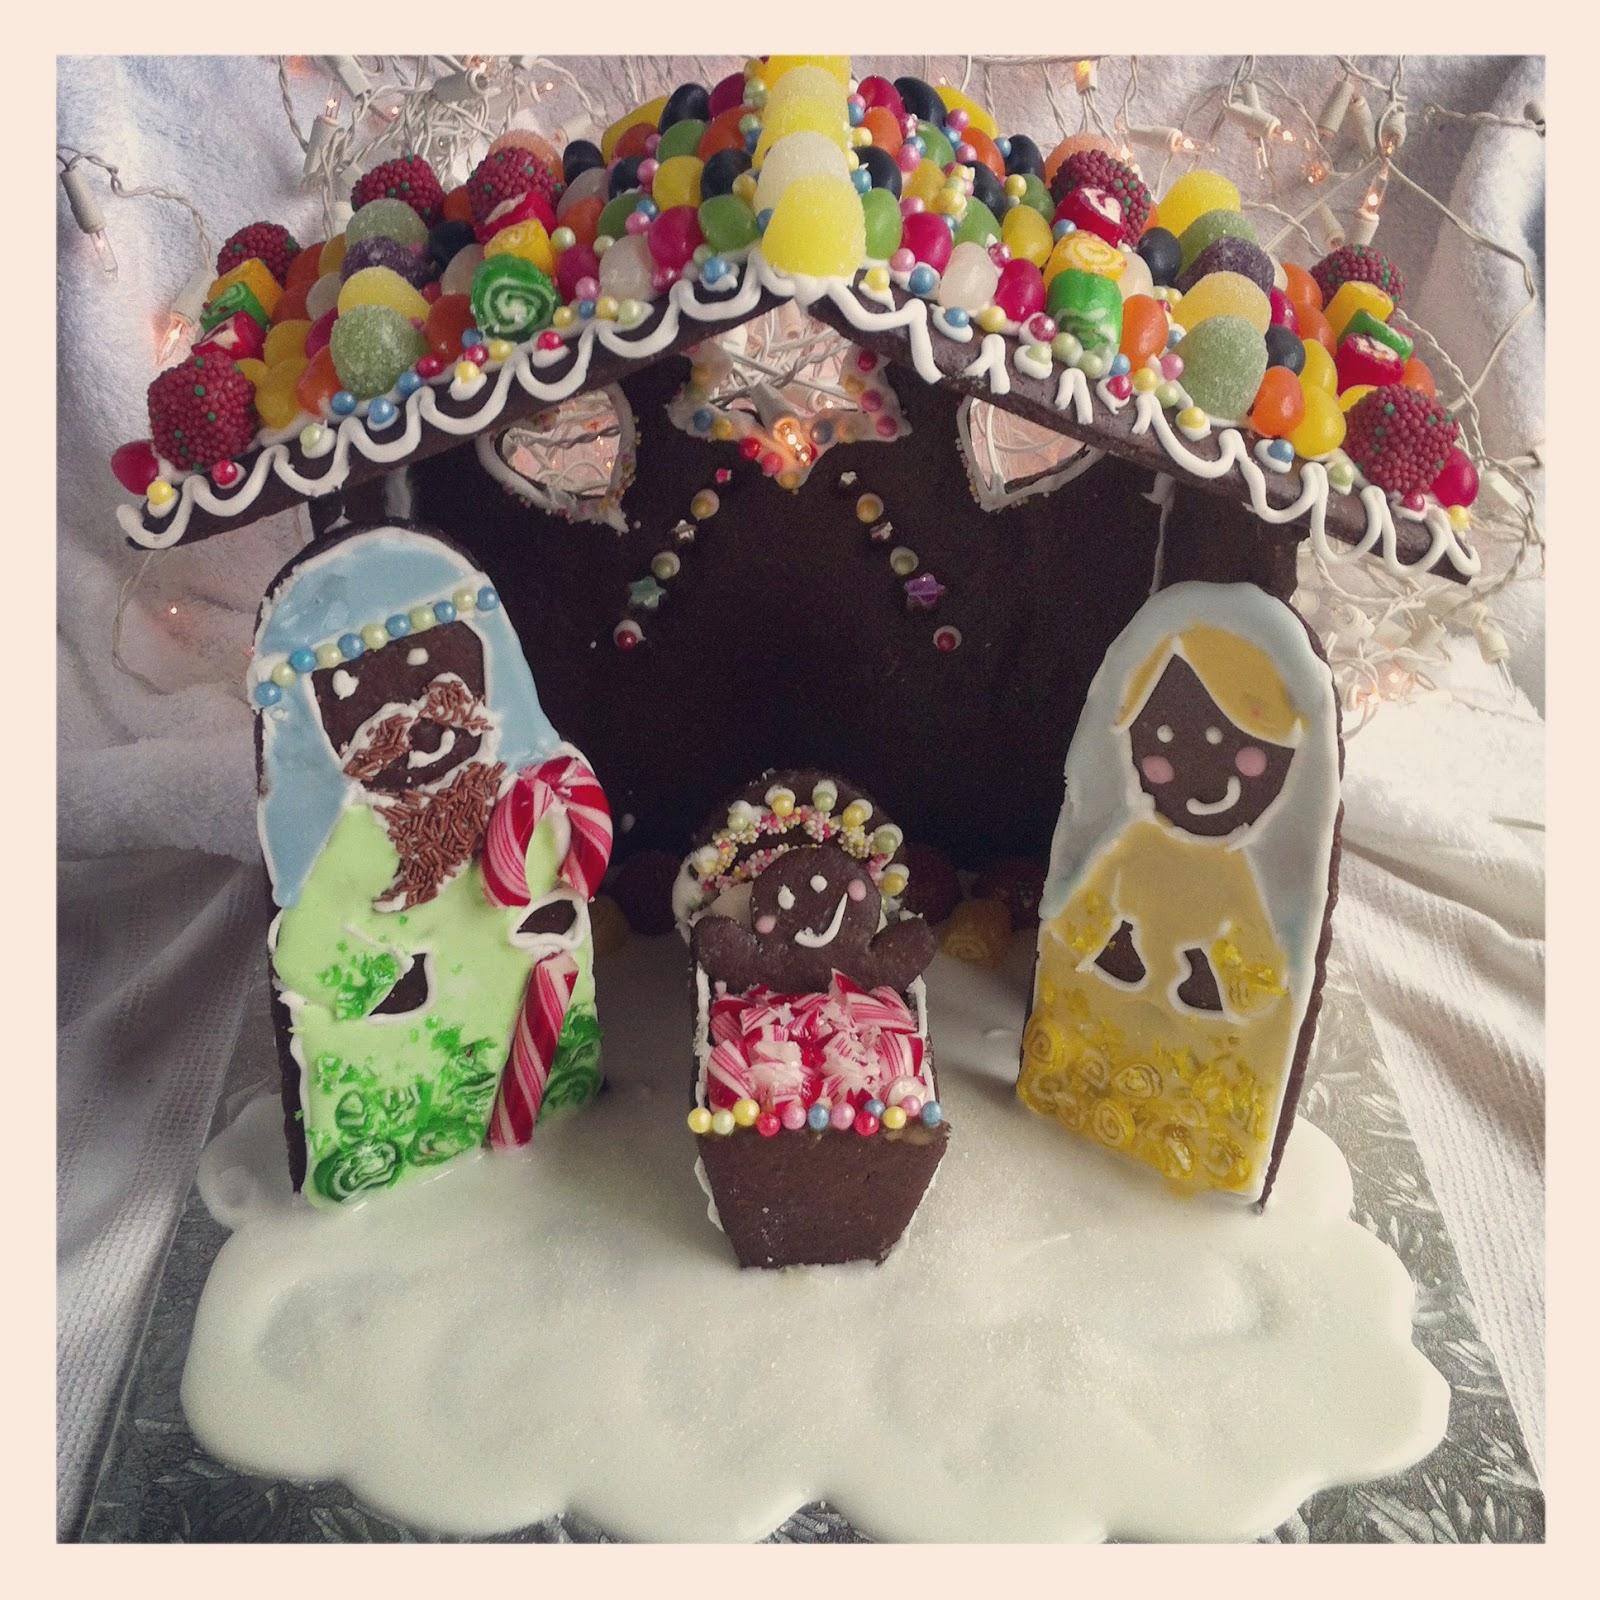 gingerbread nativity scene recipe template lilly higgins